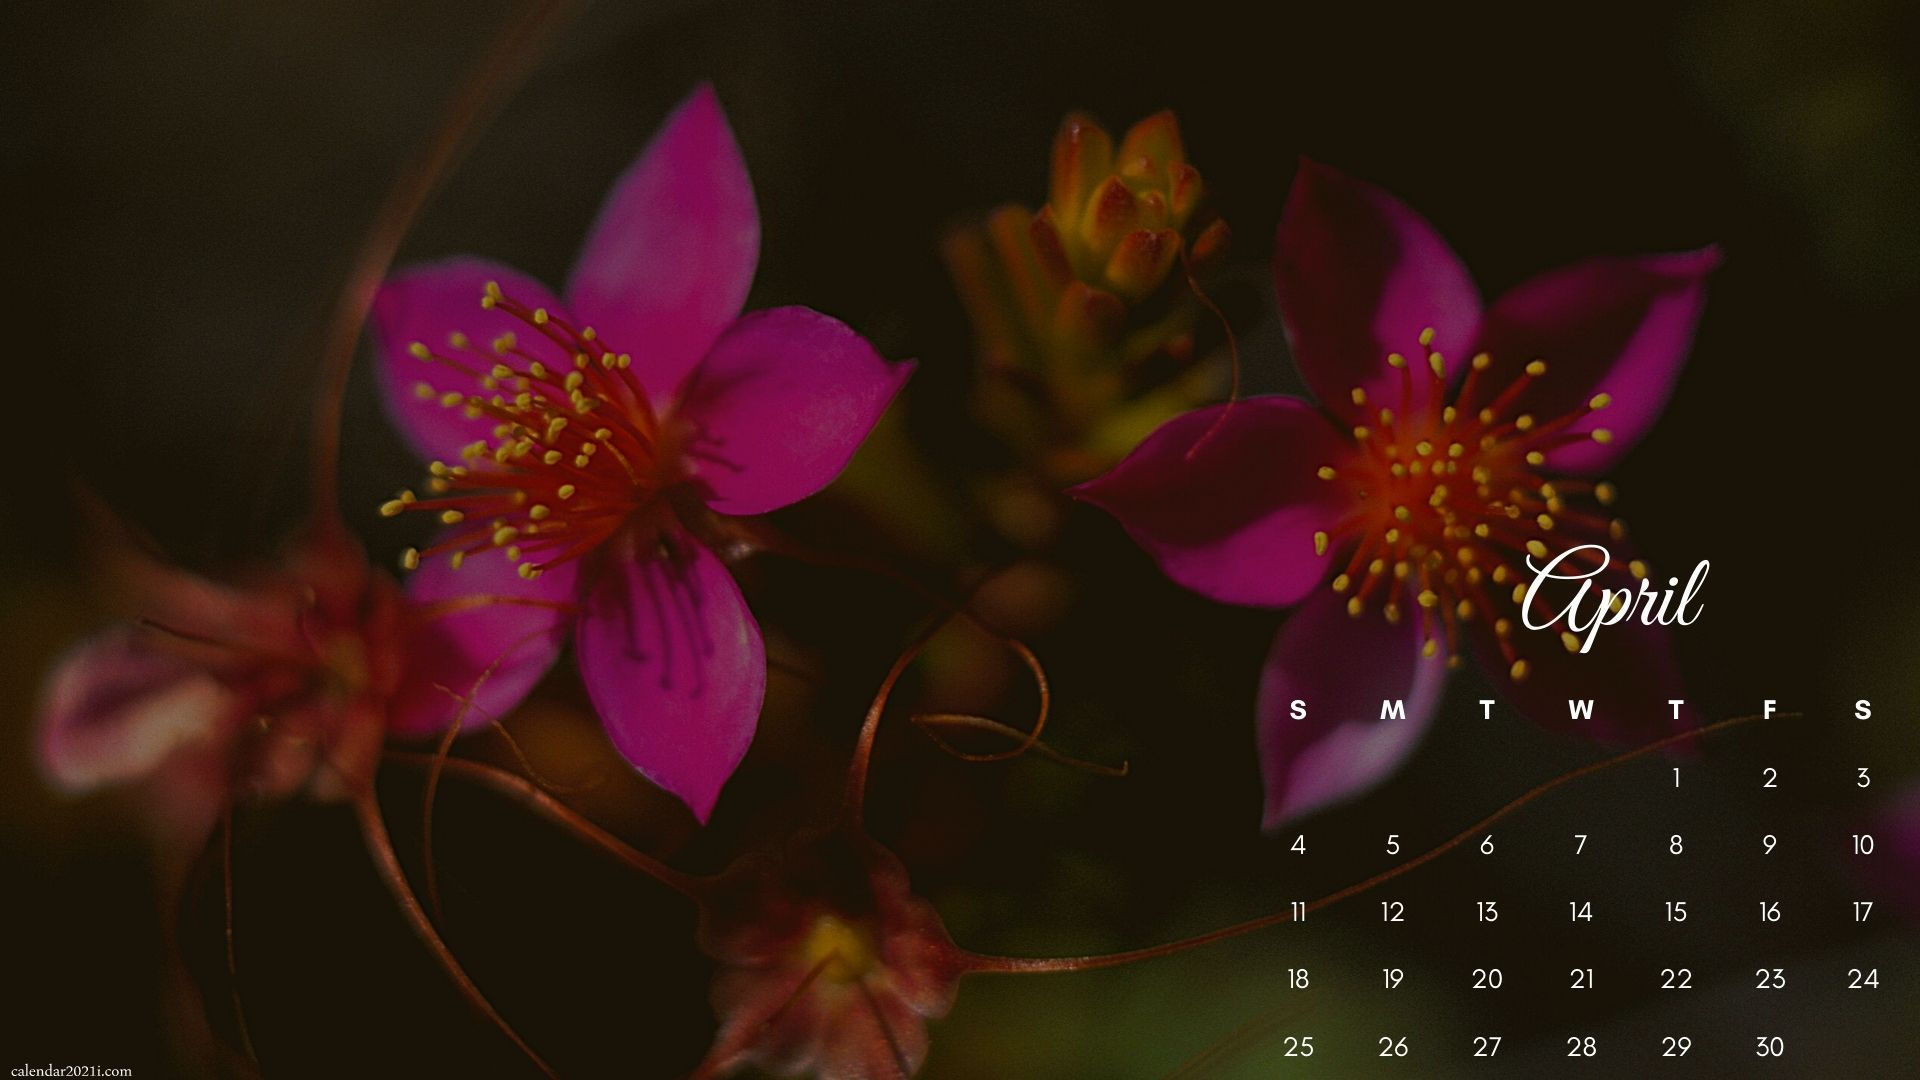 April 2021 Calendar HD Wallpapers Download Calendar 2021 1920x1080